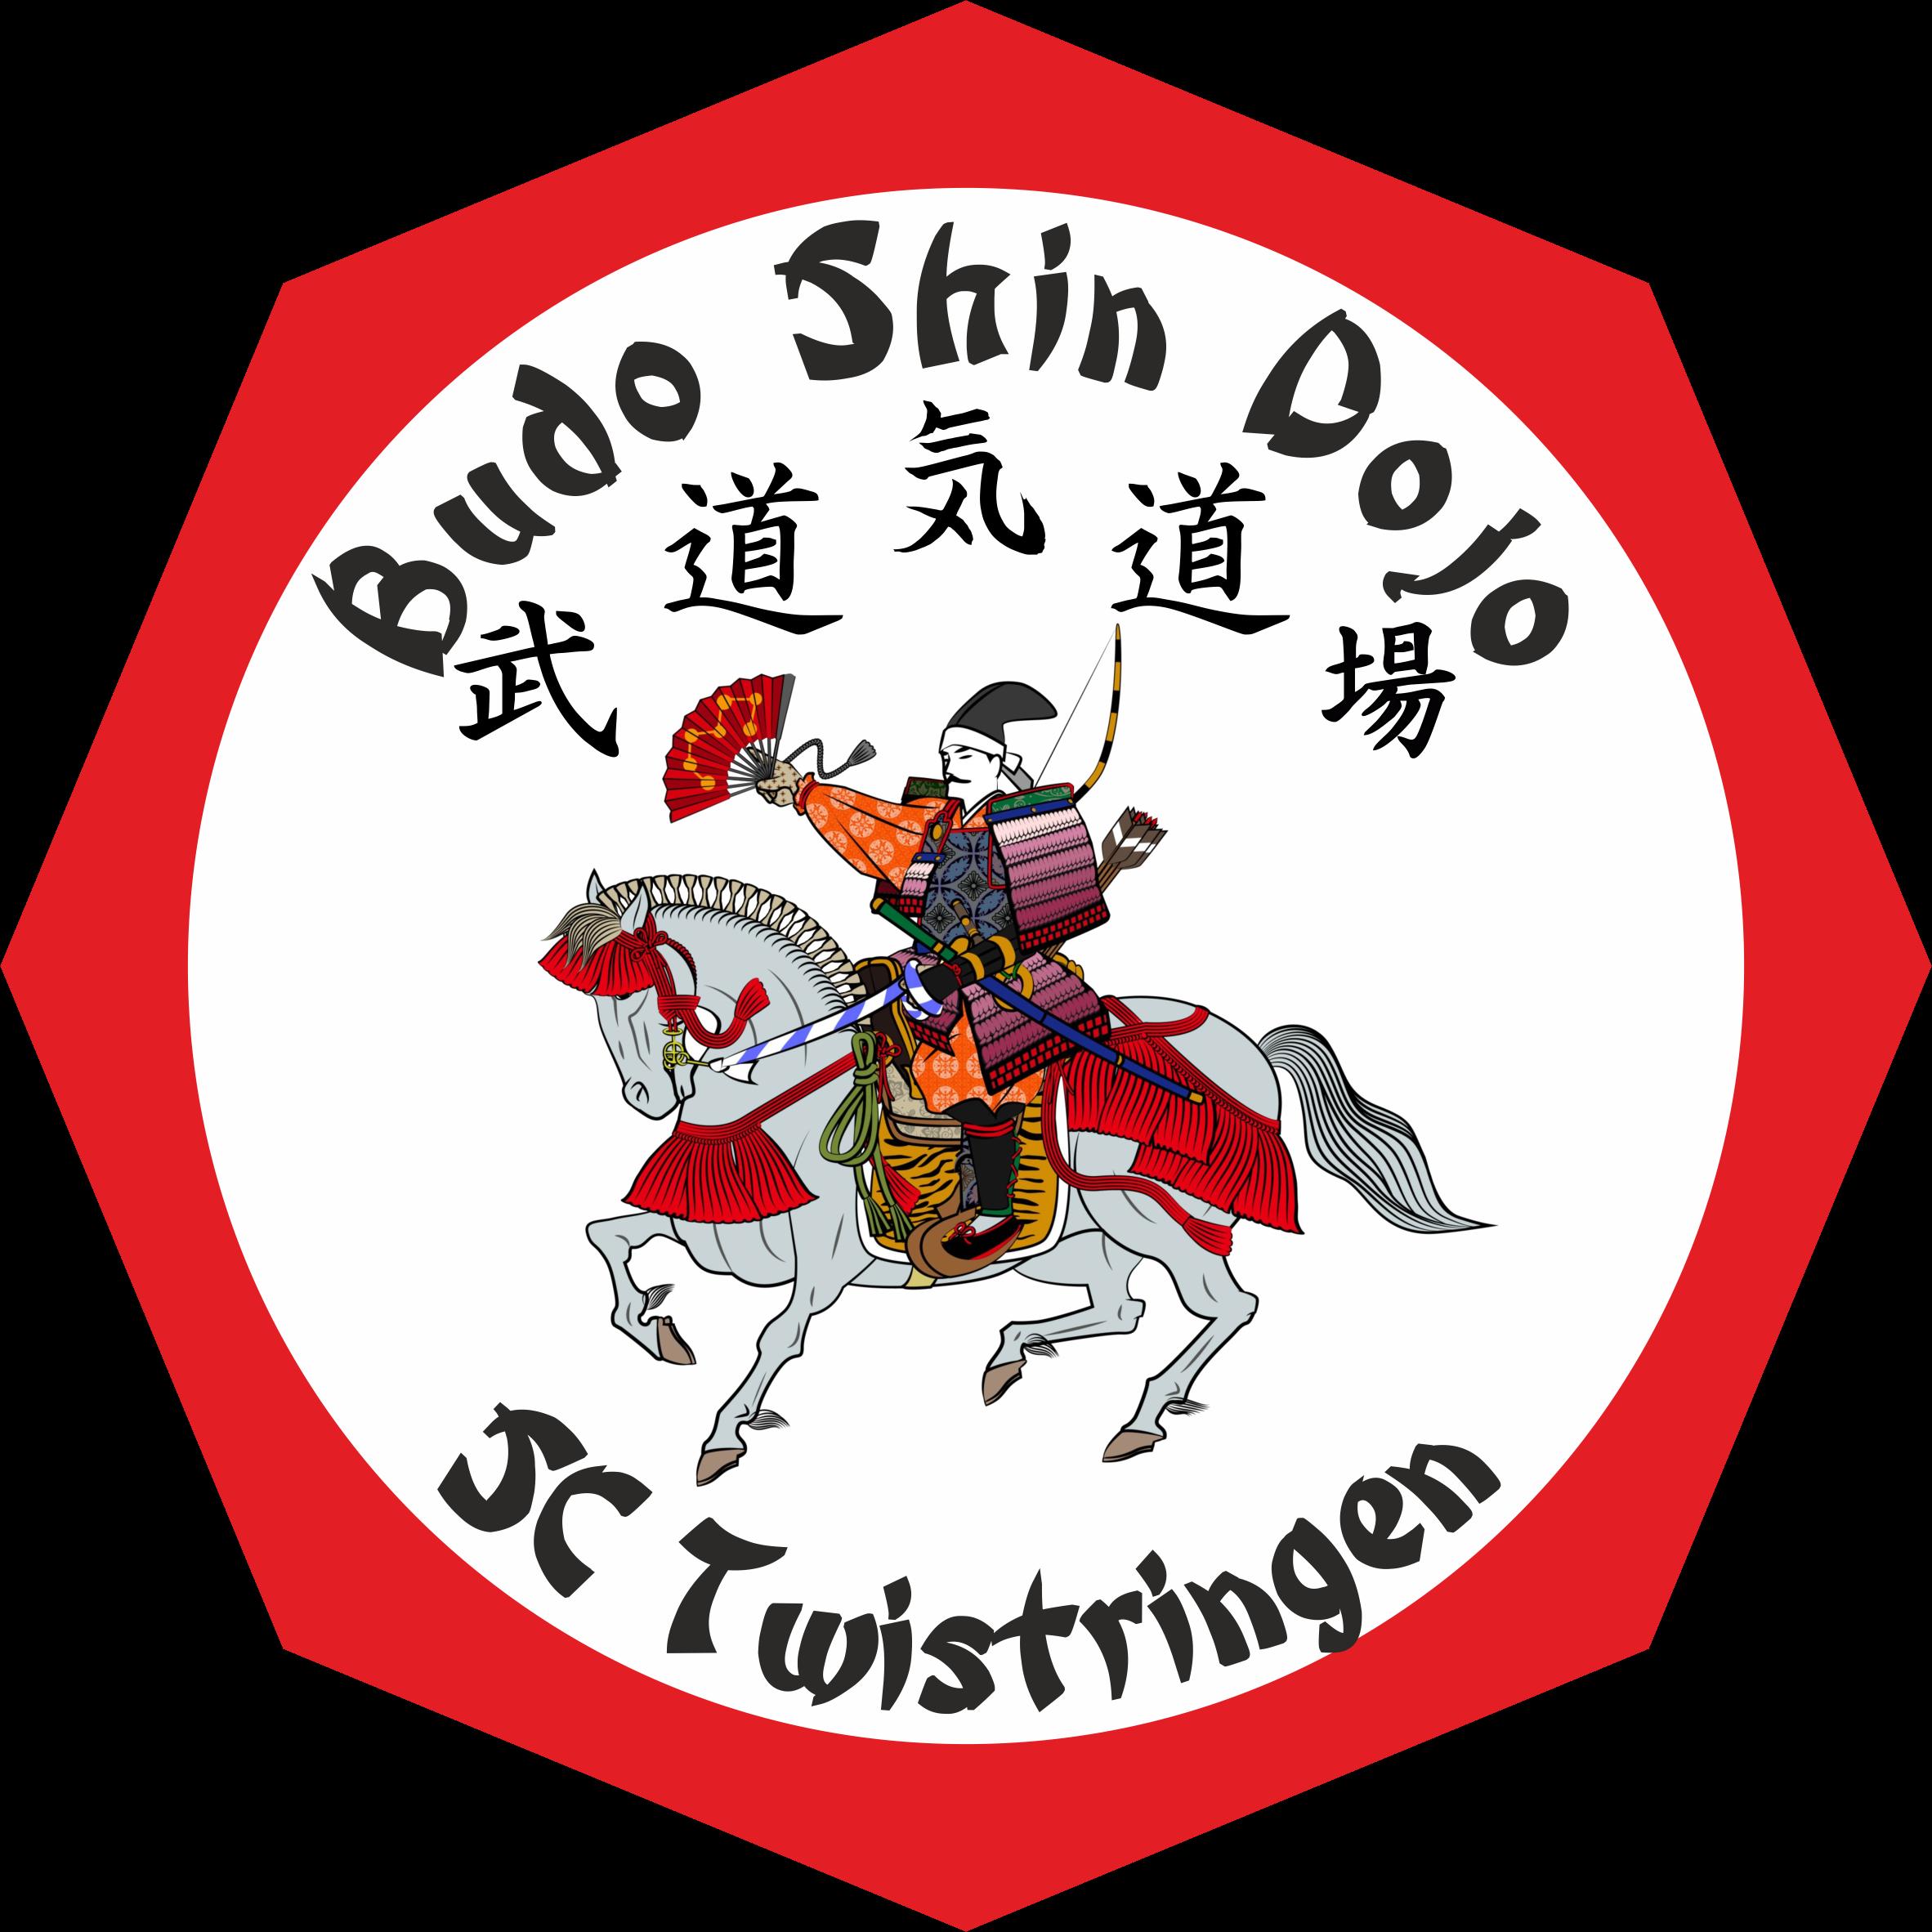 Budo-Shin-Dojo